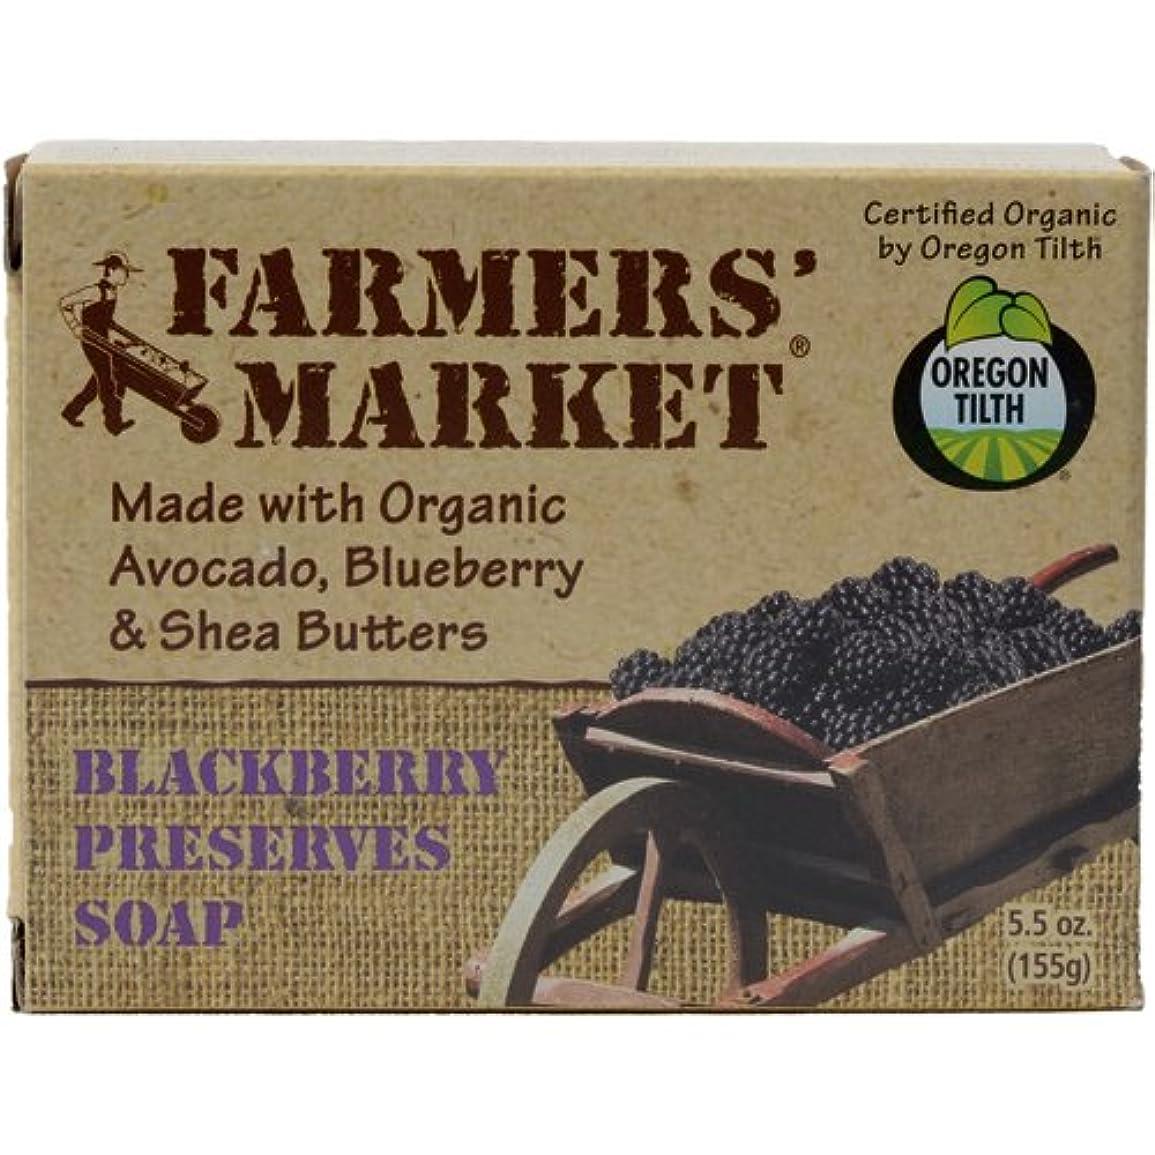 発火するスペシャリスト複製するNatural Bar Soap Blackberry Preserves - 5.5 oz by Farmer's Market